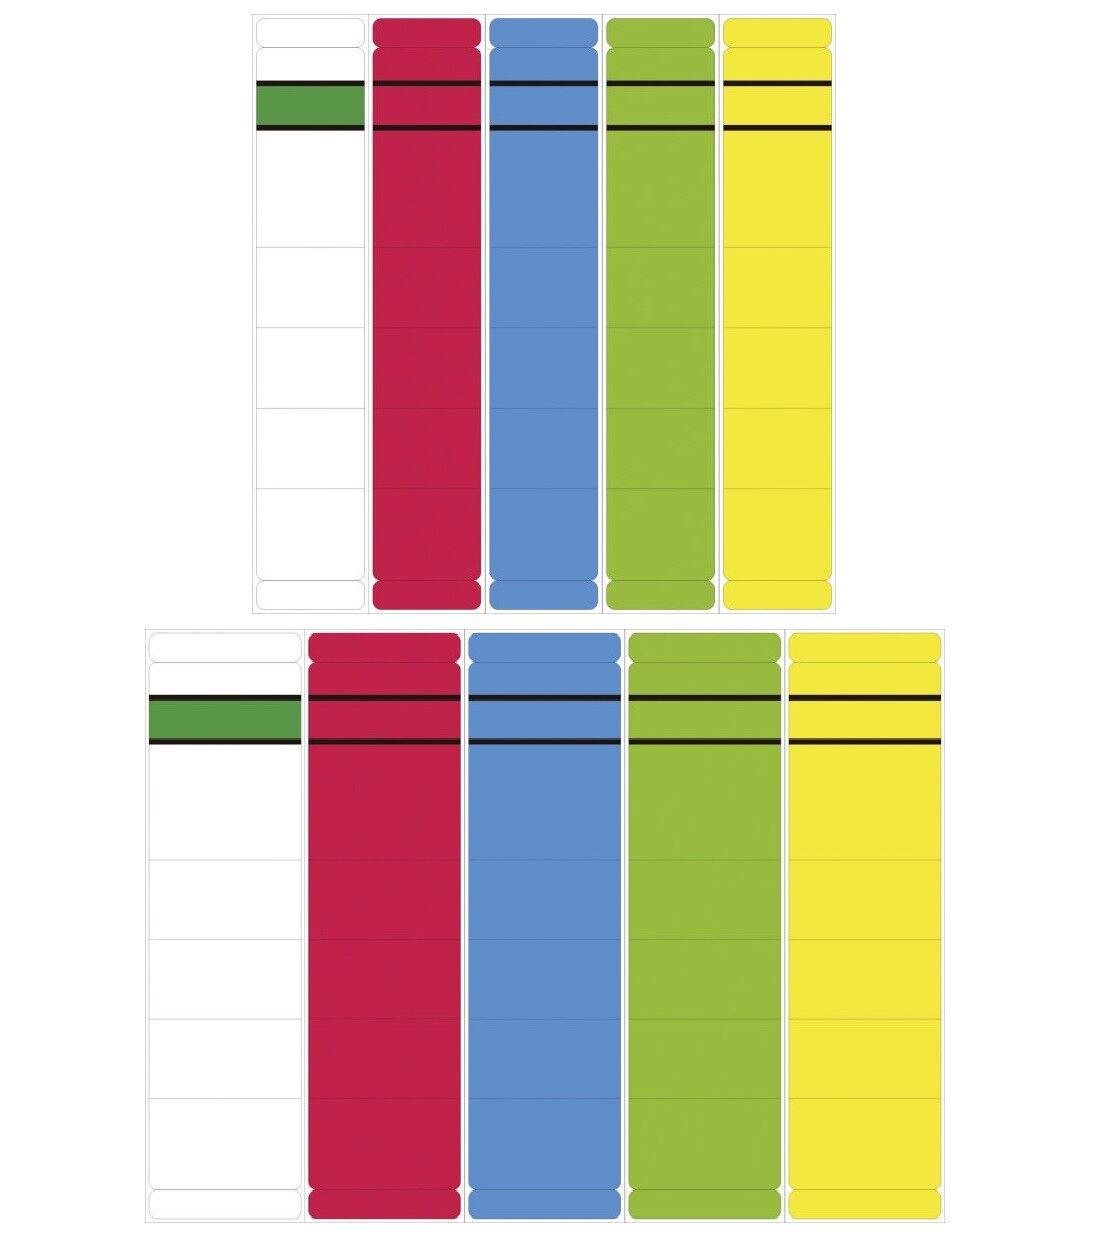 Ordner Rückenschilder Etiketten breit / schmal, kurz selbstklebend Farbe wählbar